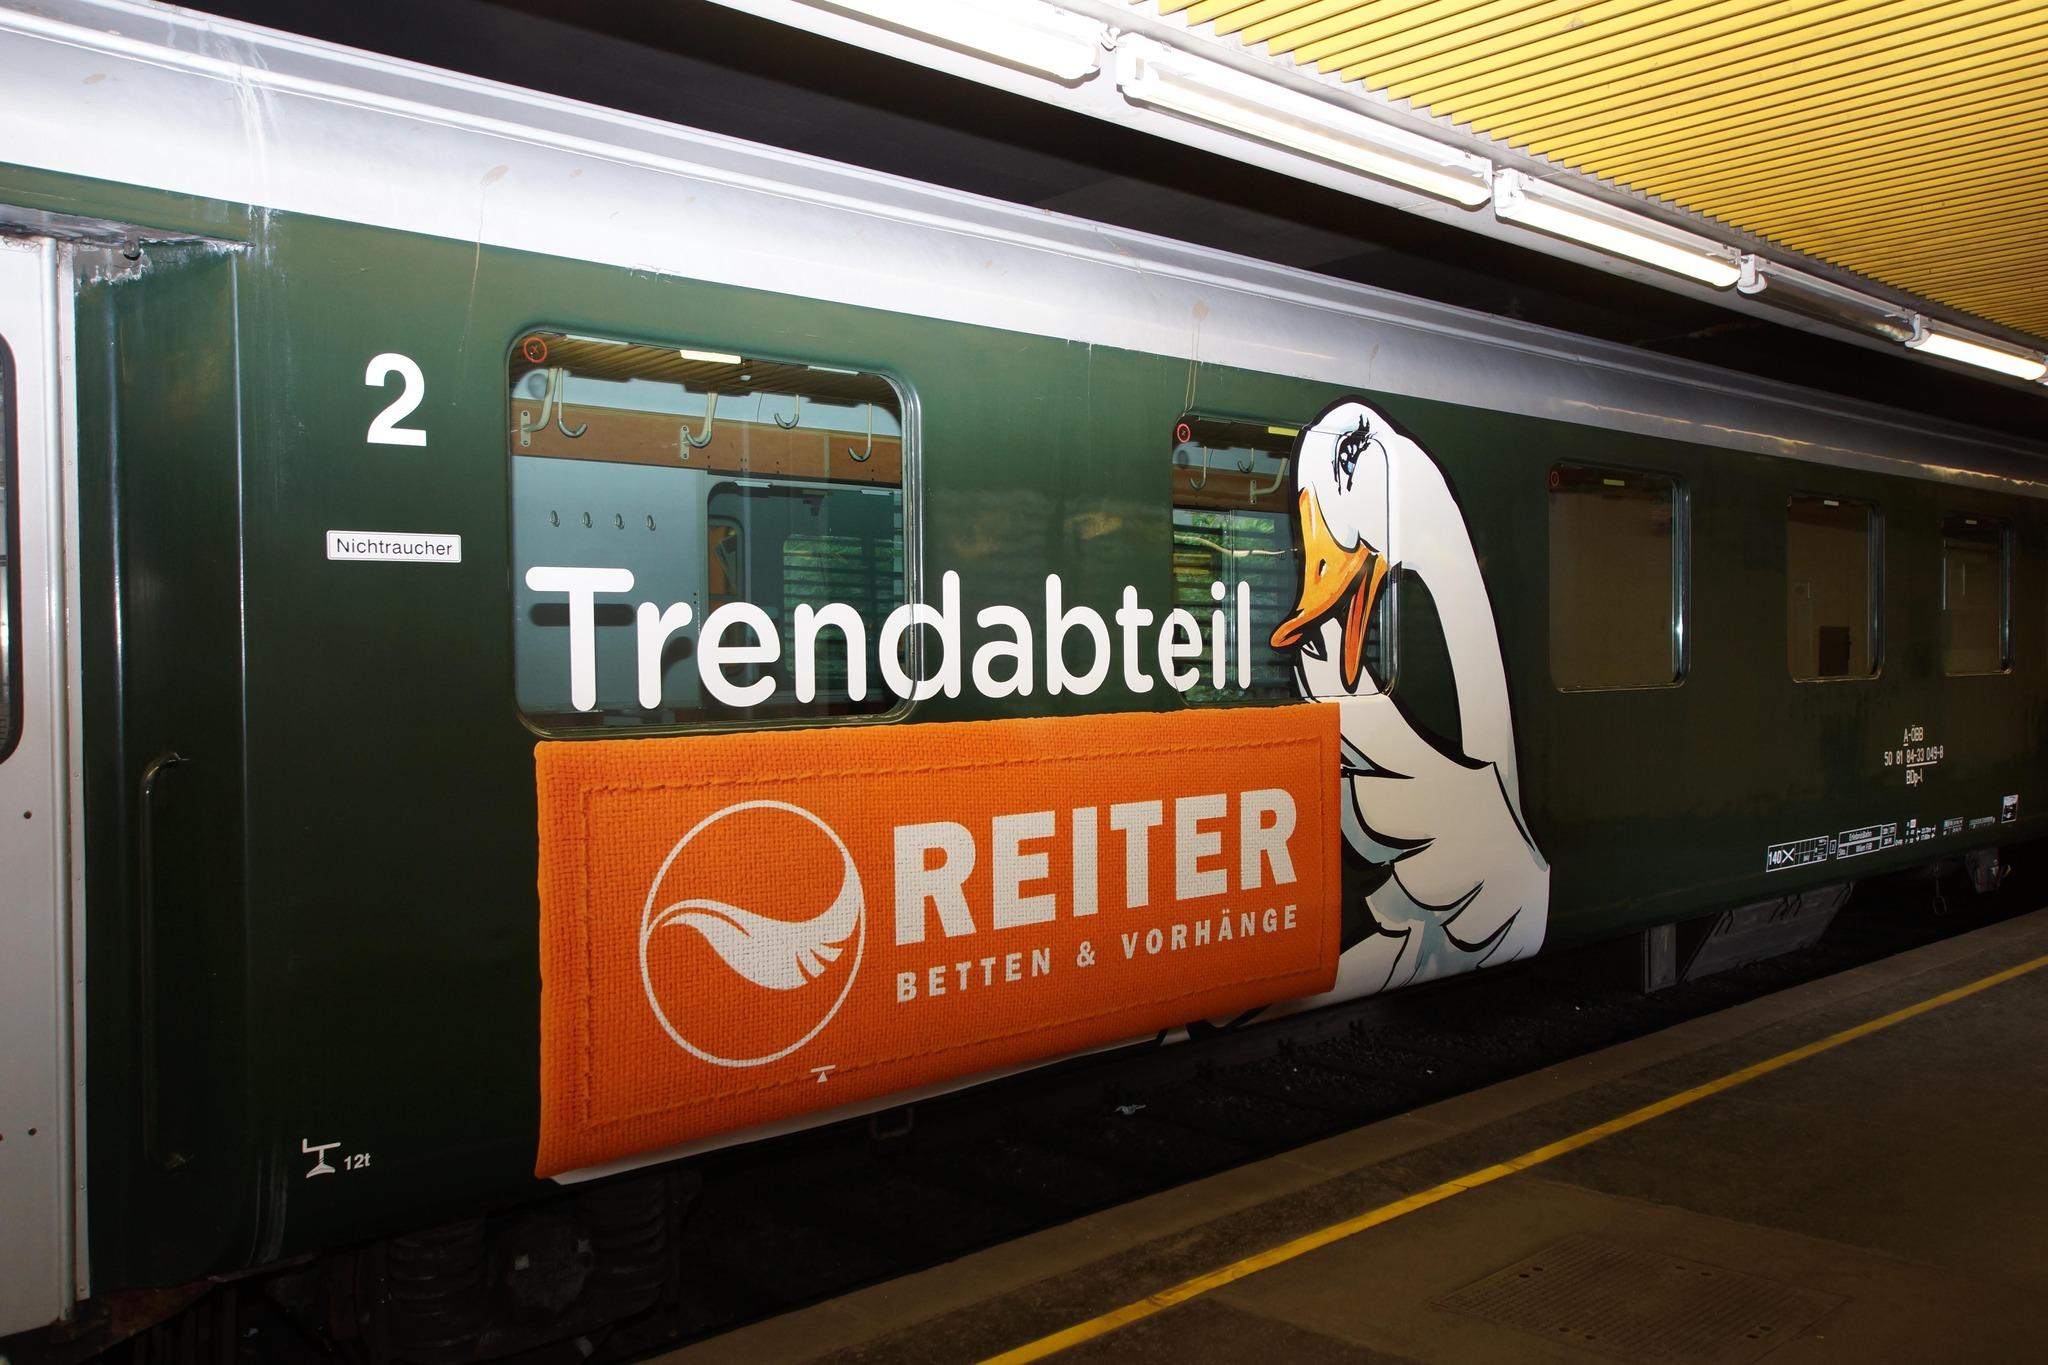 Trendabteil Rollt Seit 1 Mai Durch Osterreich Linz